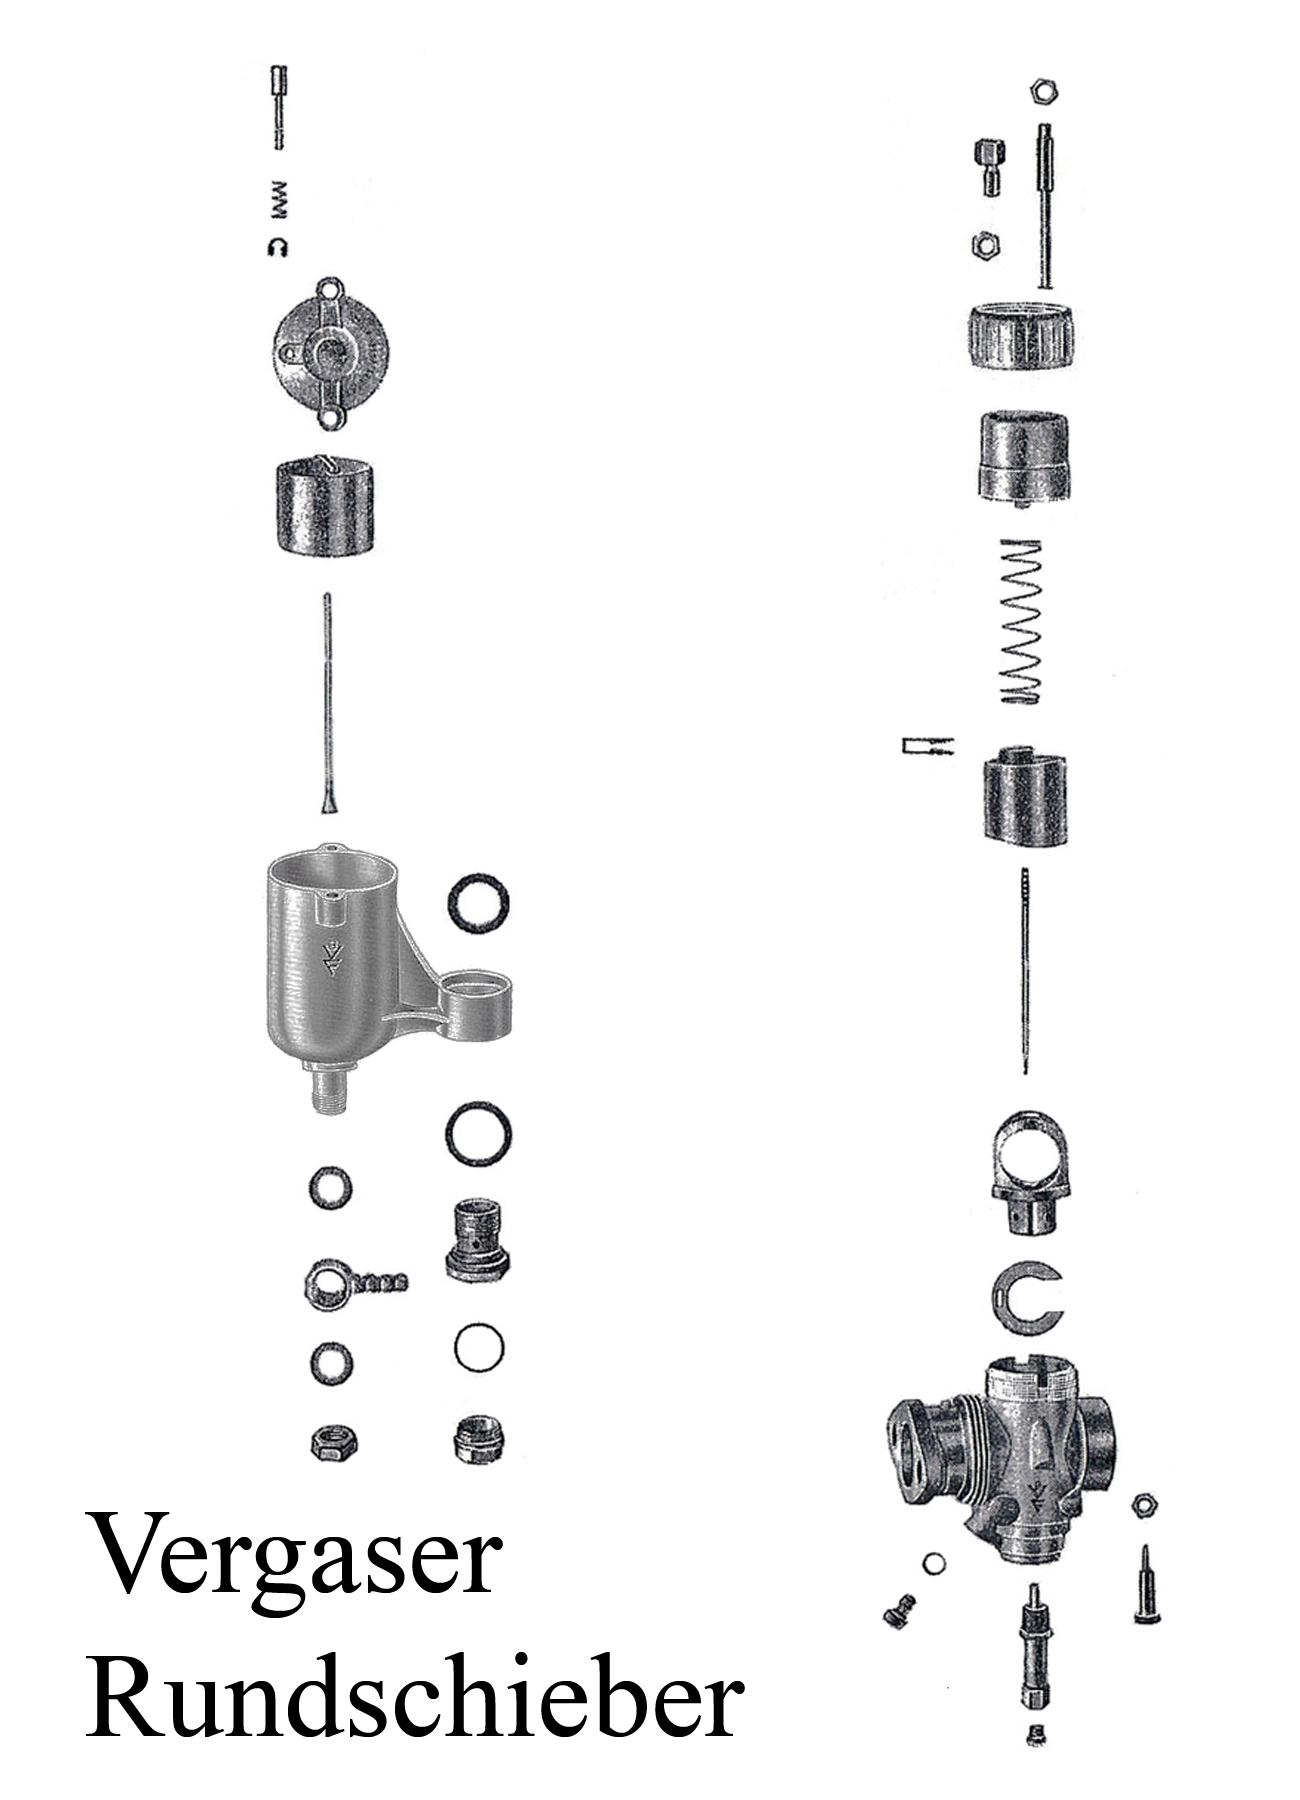 DDR-Motorrad AWO Touren BVF Rundschiebervergaser 22KN2-1 Düse Dichtung Schwimmer Nadelhalter Schieber Reparaturset